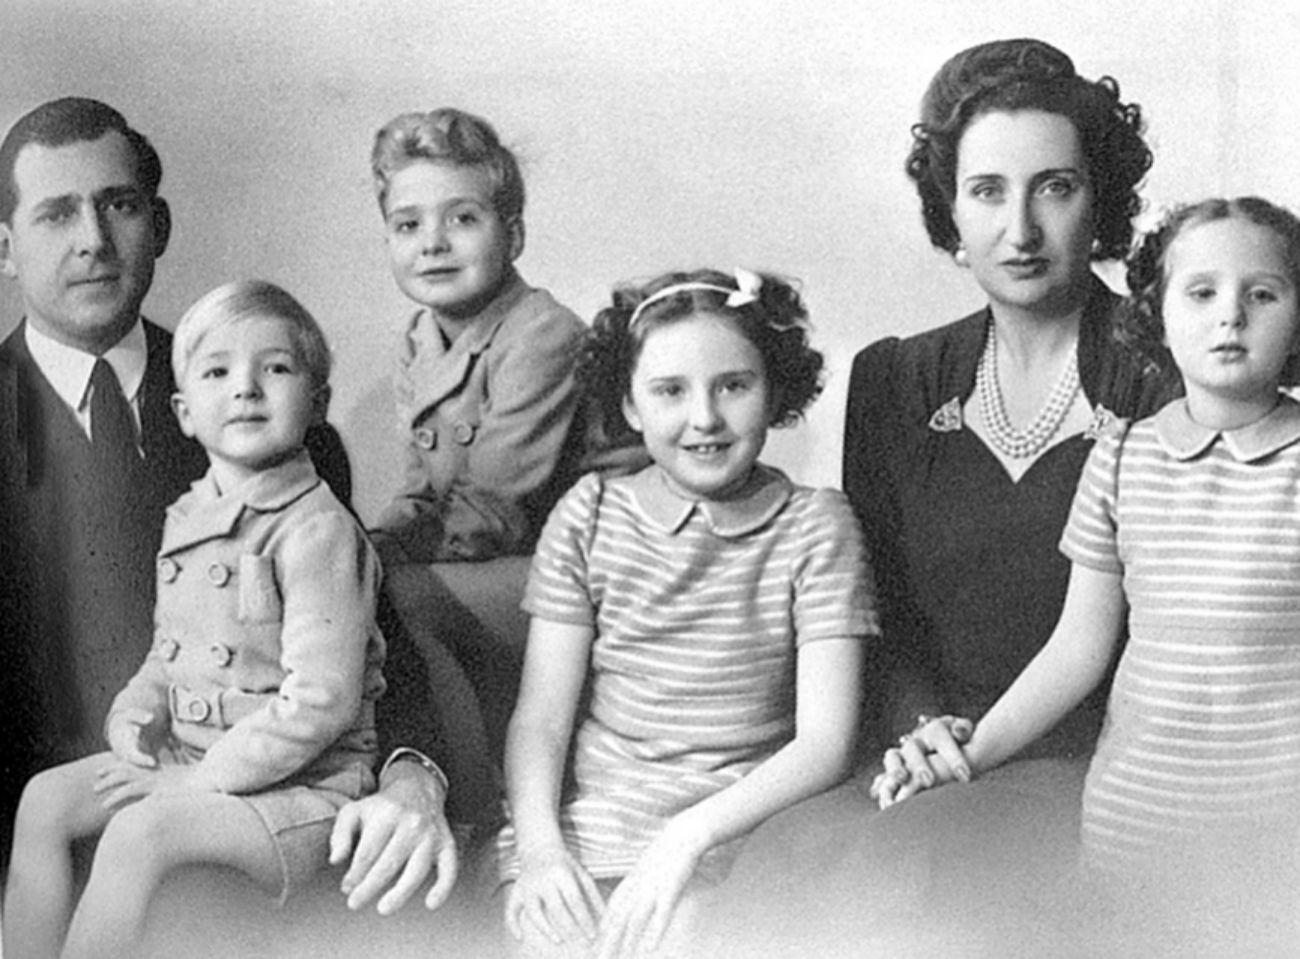 Sus padres, Juan de Borbón y María de las Mercedes junto a ella (centro de la imagen), su hermana Margarita y sus hermanos Juan Carlos y Alfonso.